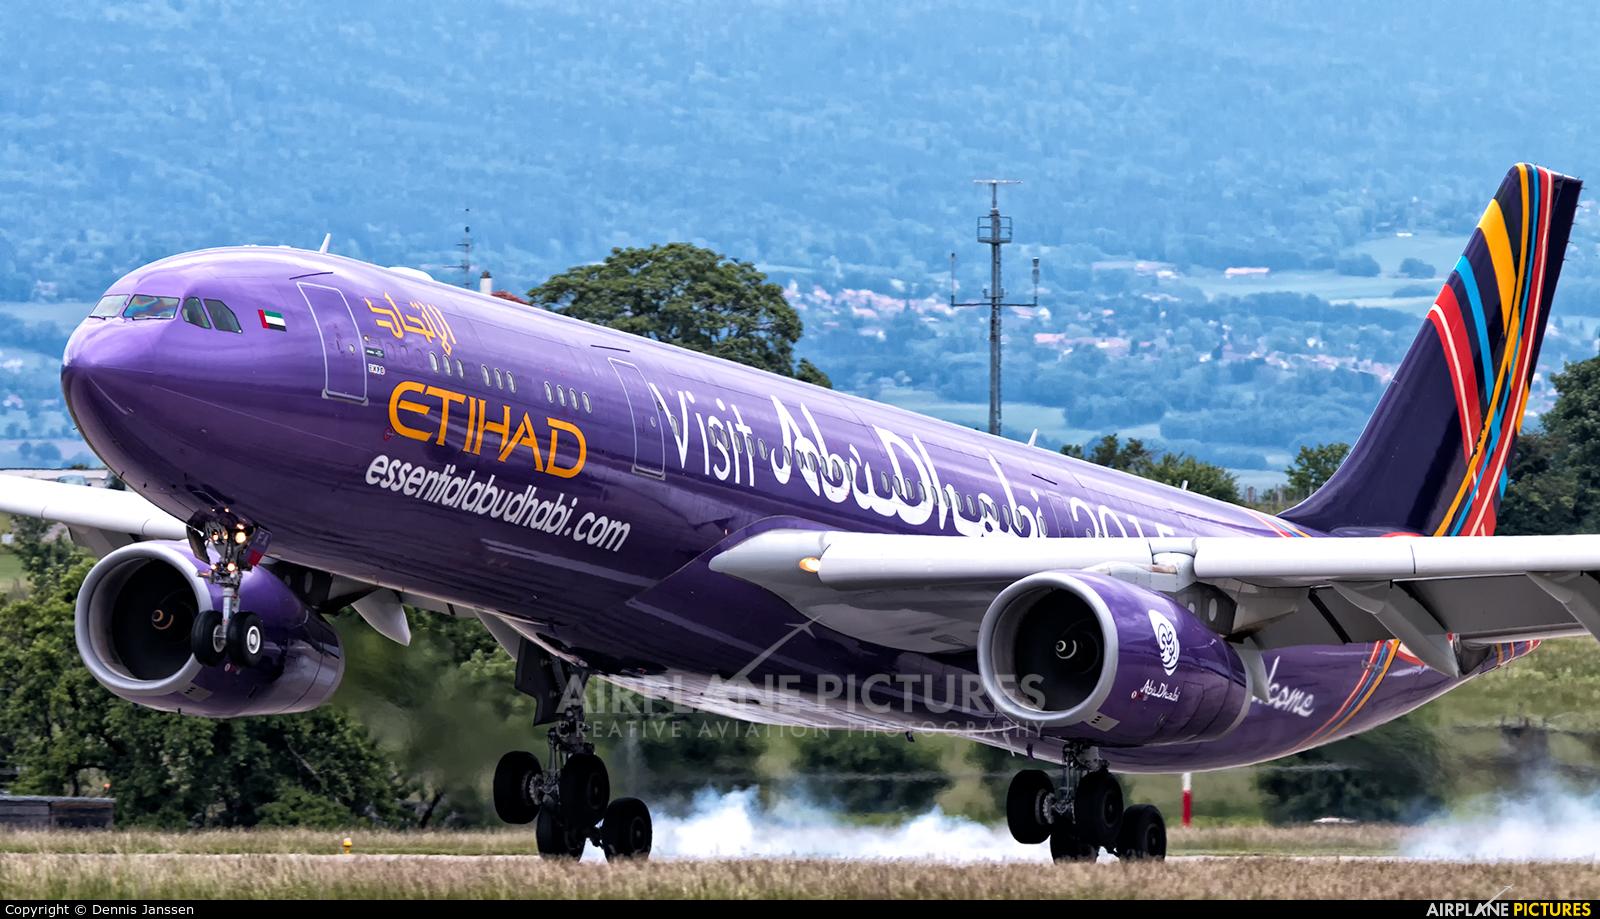 Etihad Airways A6-AFA aircraft at Geneva Intl